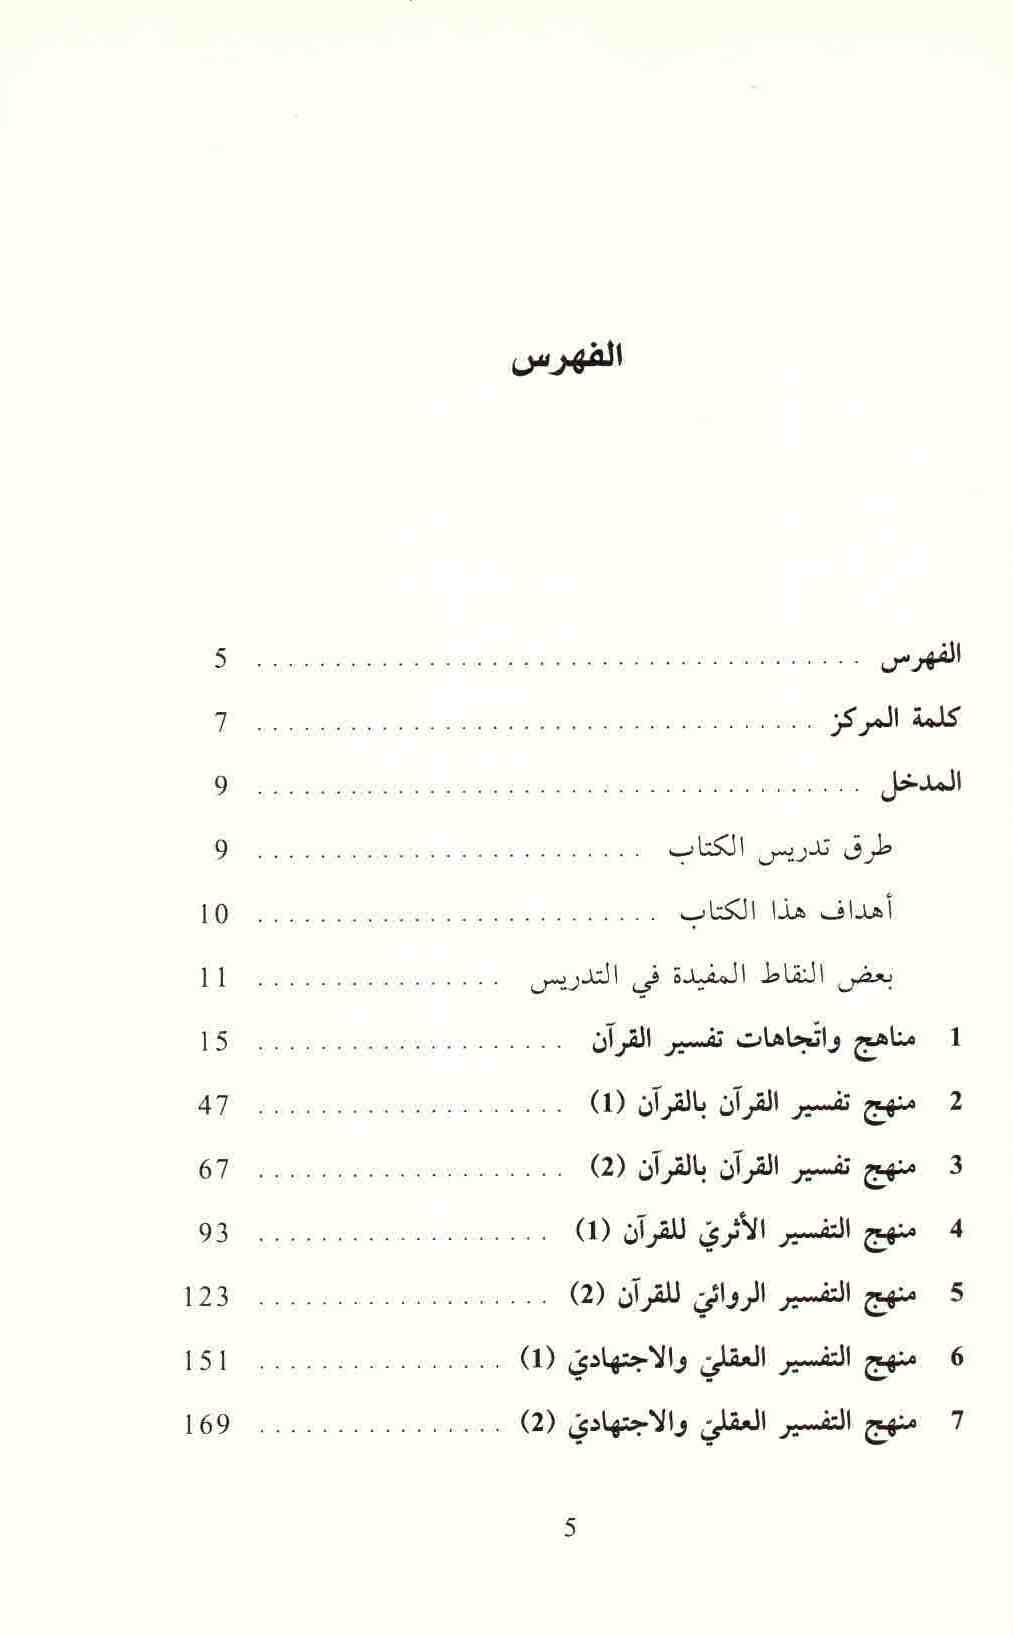 ص 5 محتويات كتاب مناهج التفسير واتجاهاته